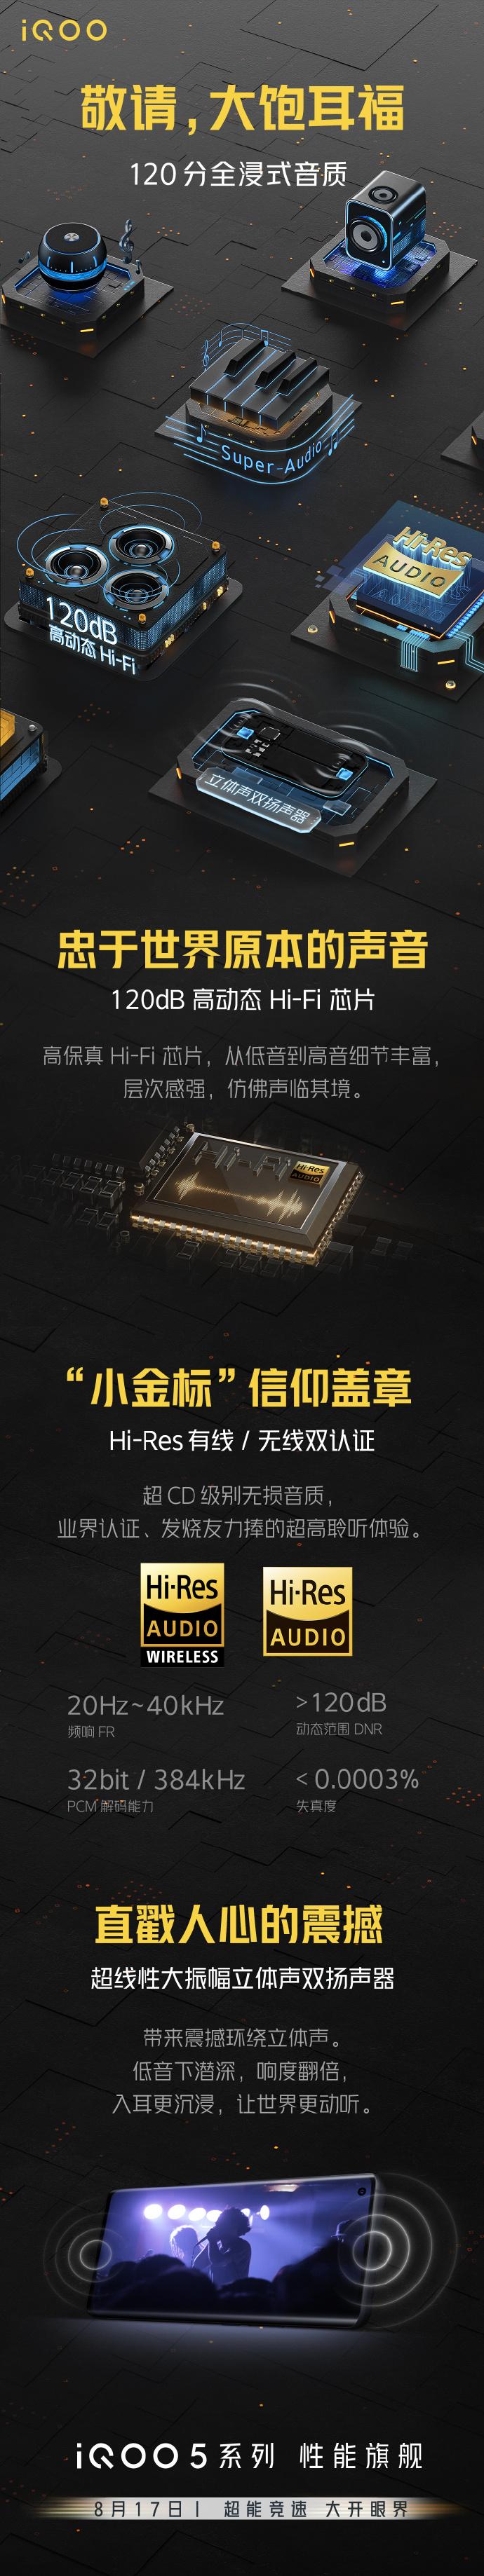 120dB高动态Hi-Fi芯片 iQOO新机音质数据公布